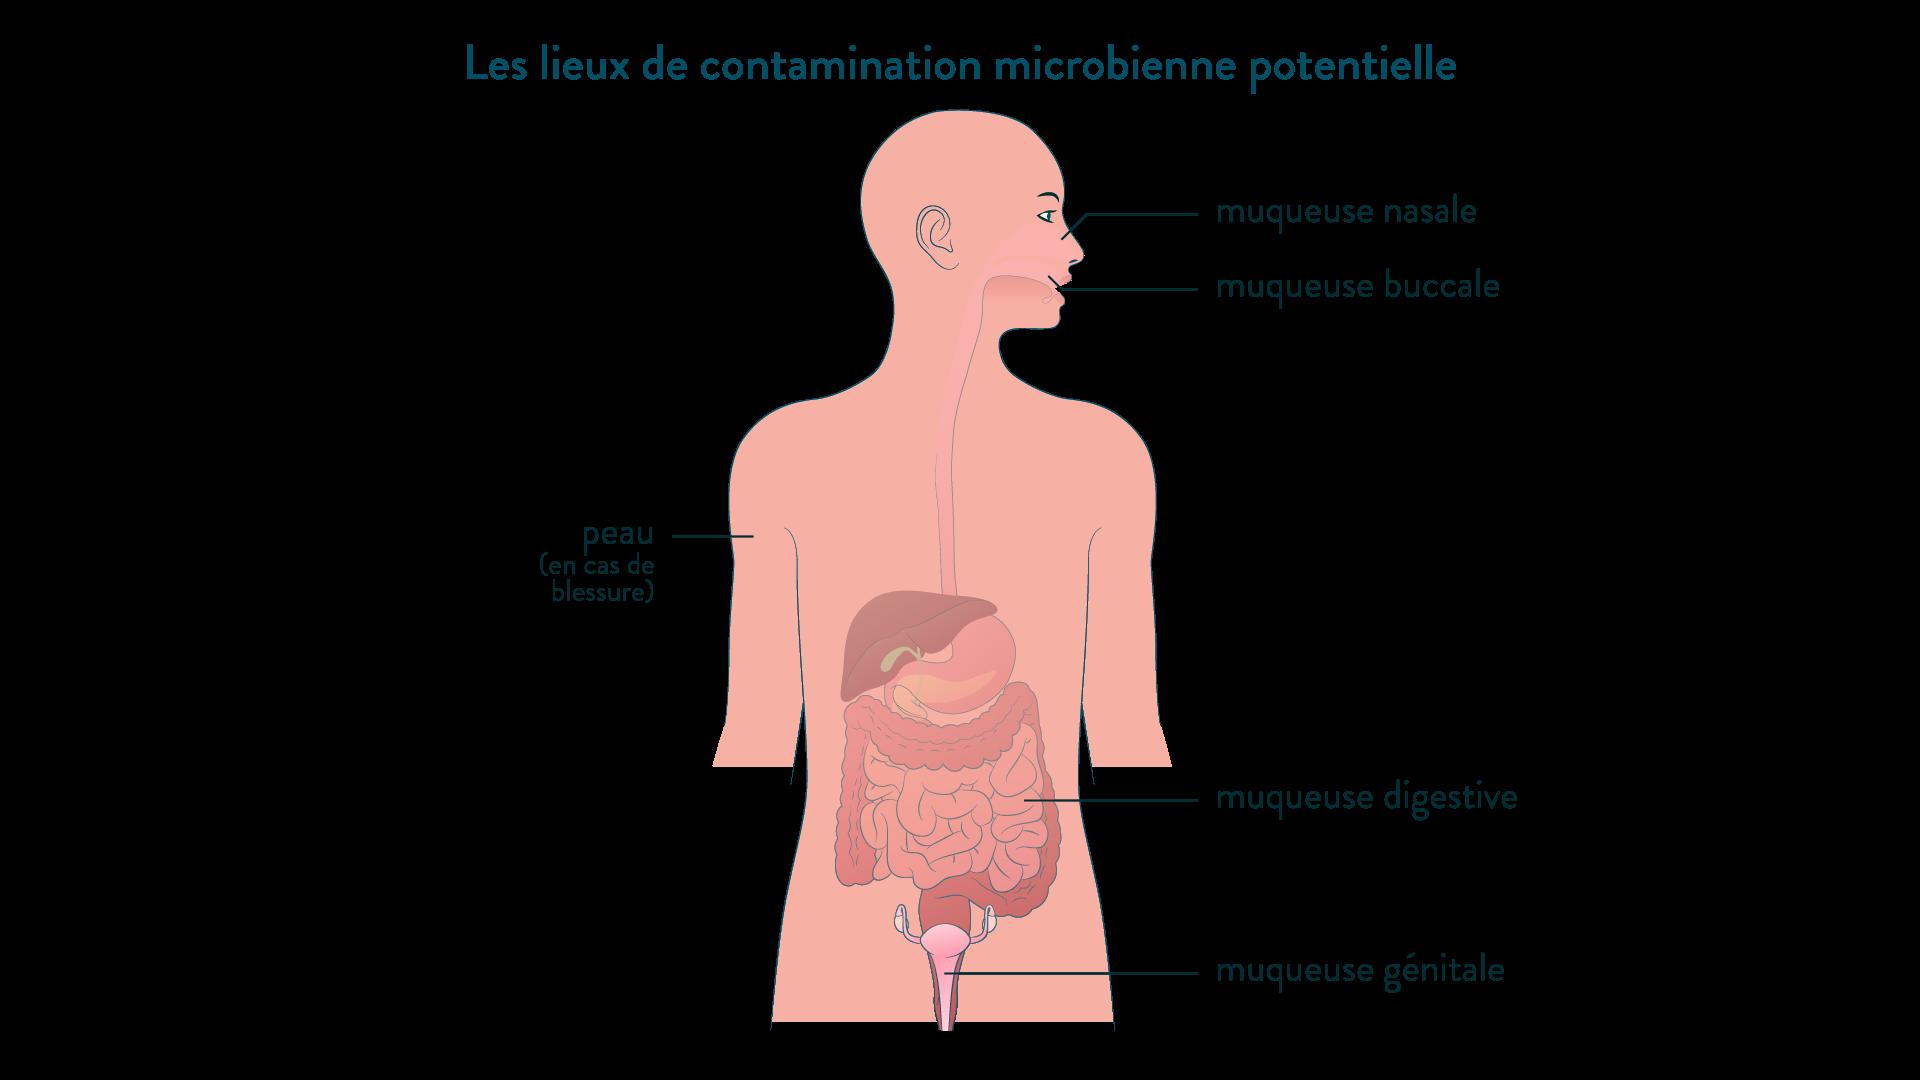 Les lieux de contamination microbienne potentielle